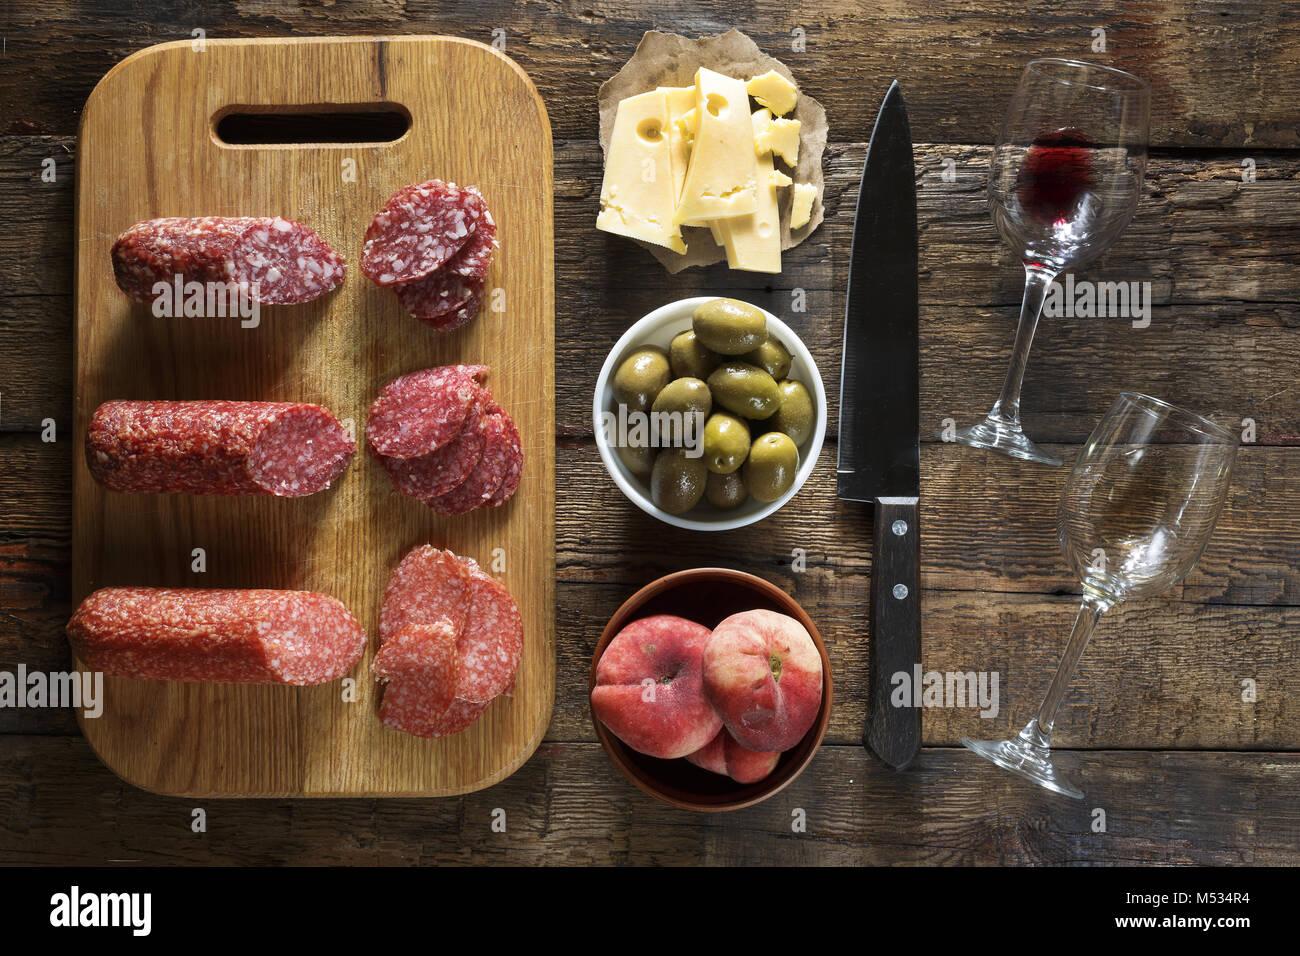 Vino e snack. Tavola italiana. Cucina francese. Tradizioni europee. Immagini Stock